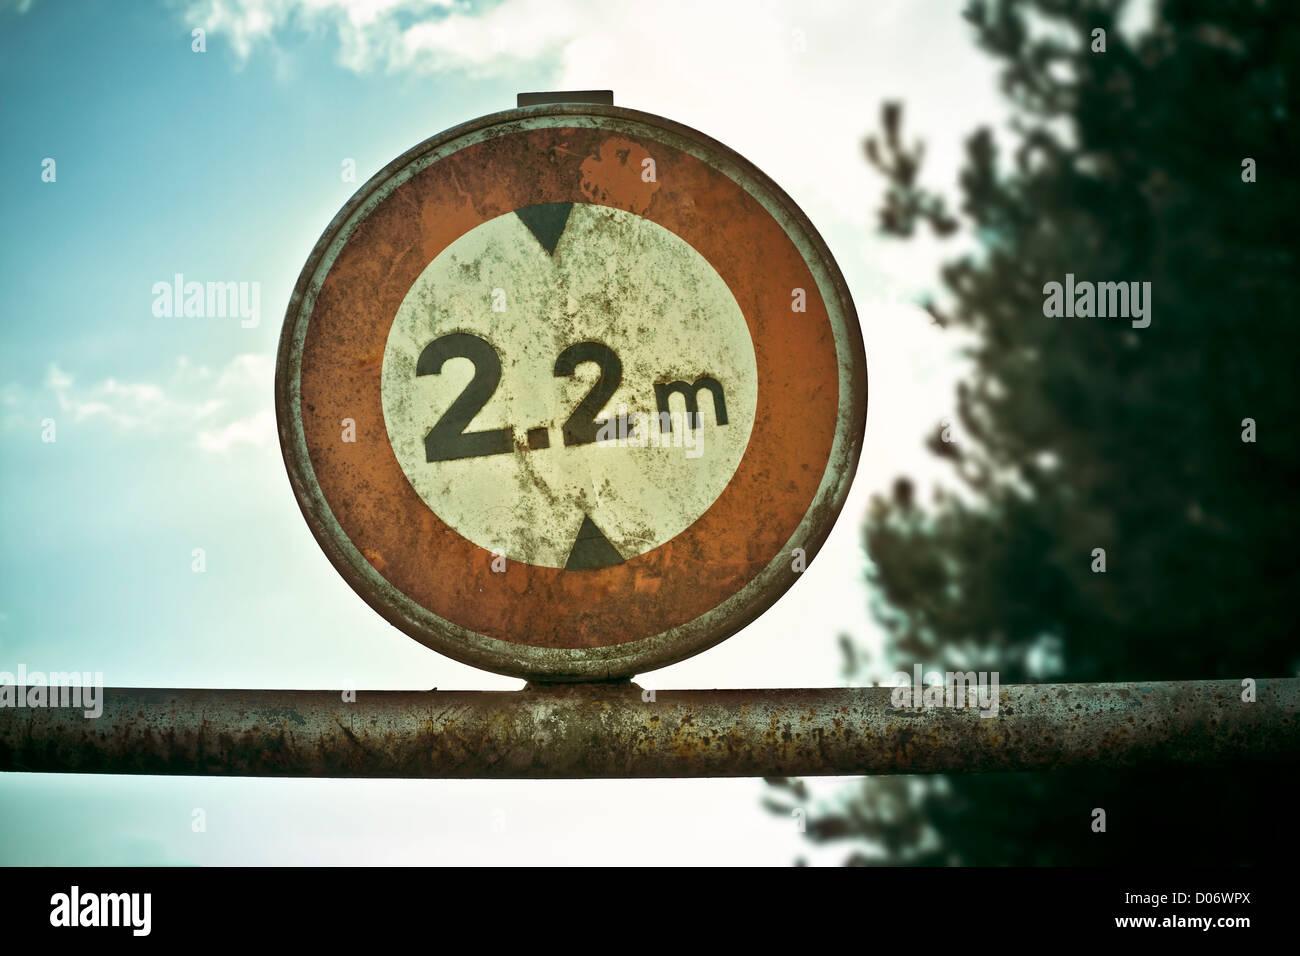 Signe de la limitation de hauteur sur poteau de métal. Photo Stock